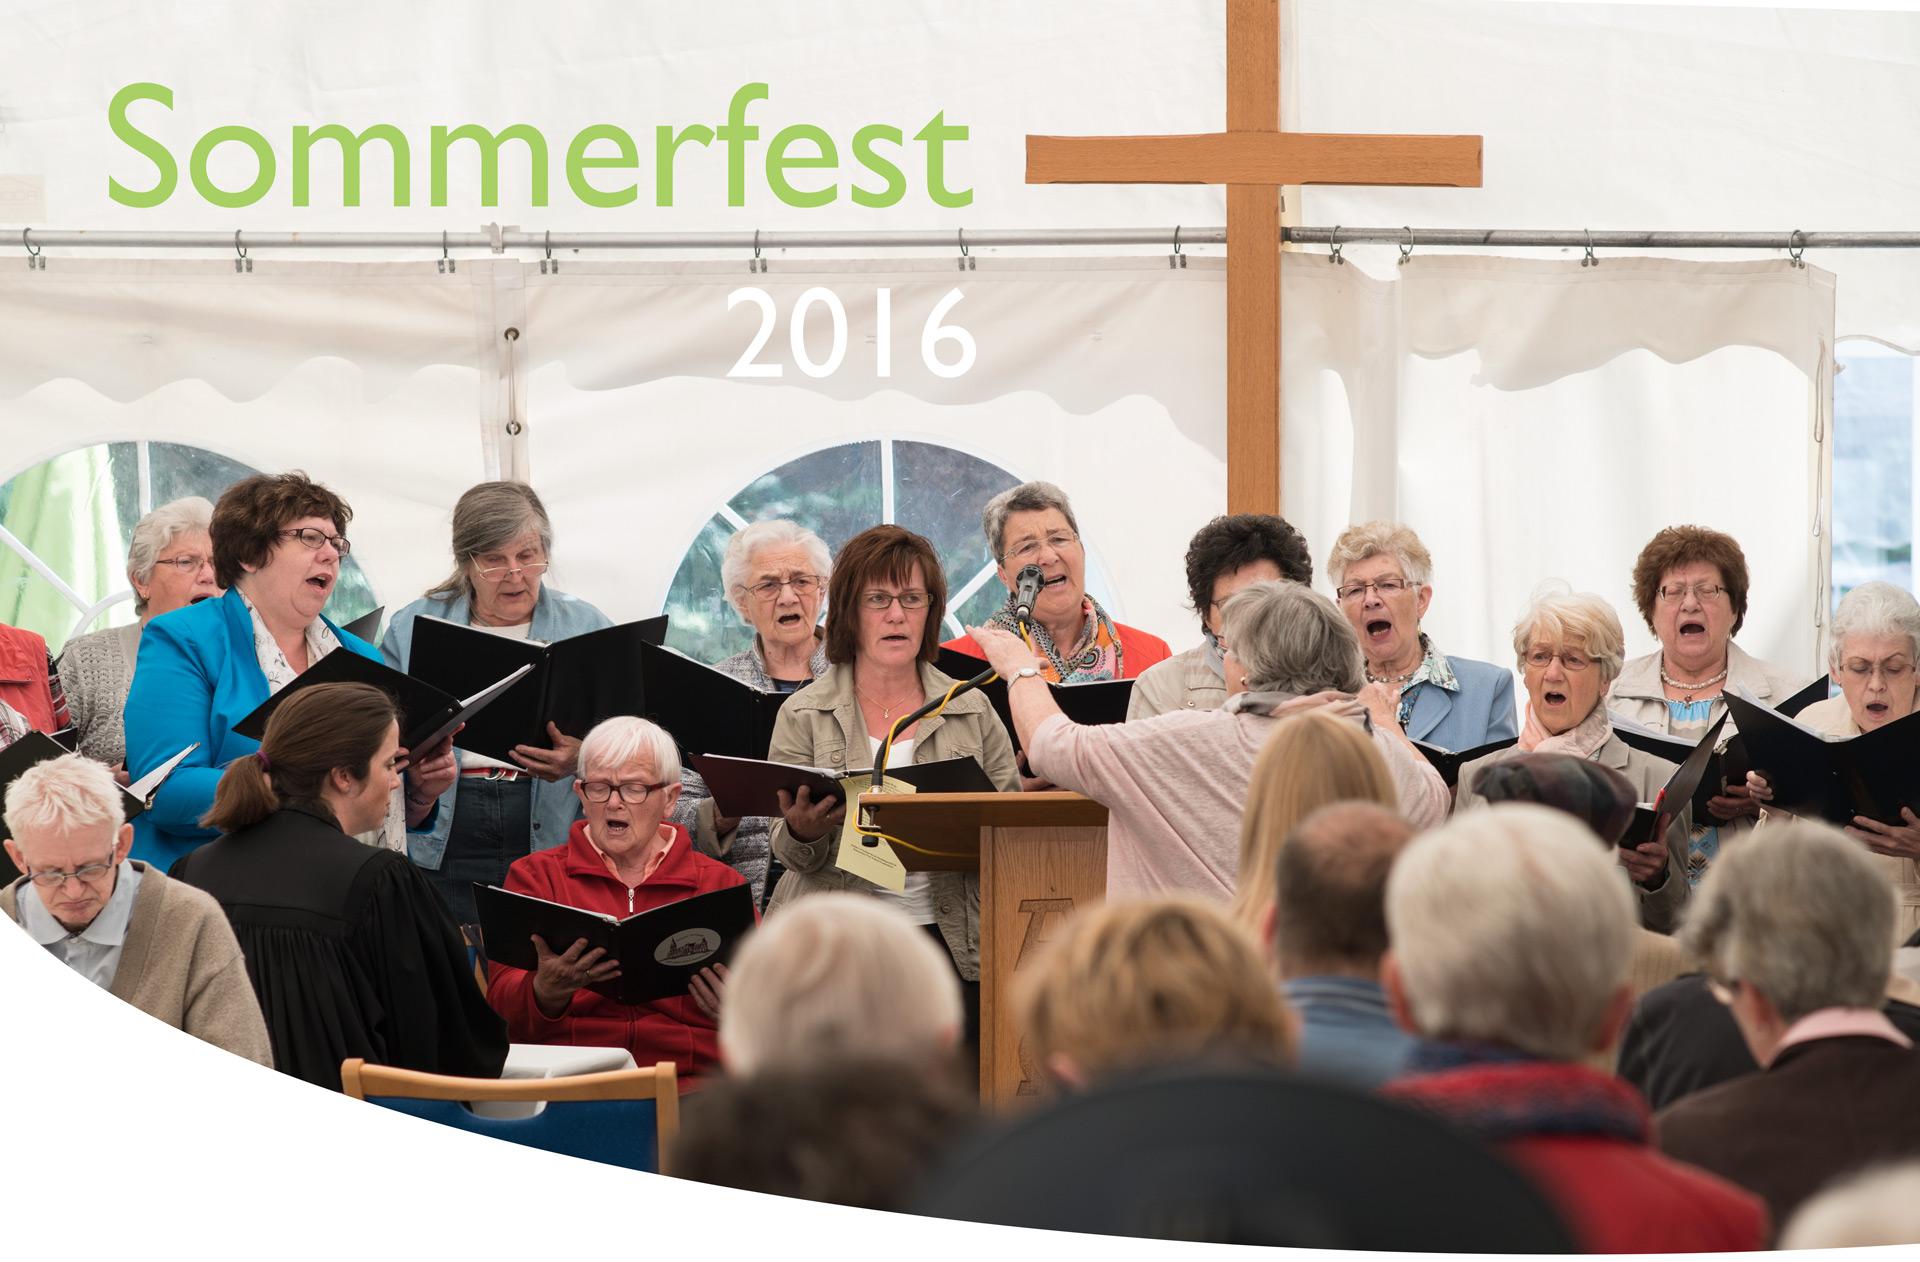 Chorgesang im Eröffnungs-Gottesdienst des Sommerfests 2016 im Löhlbacher Hof